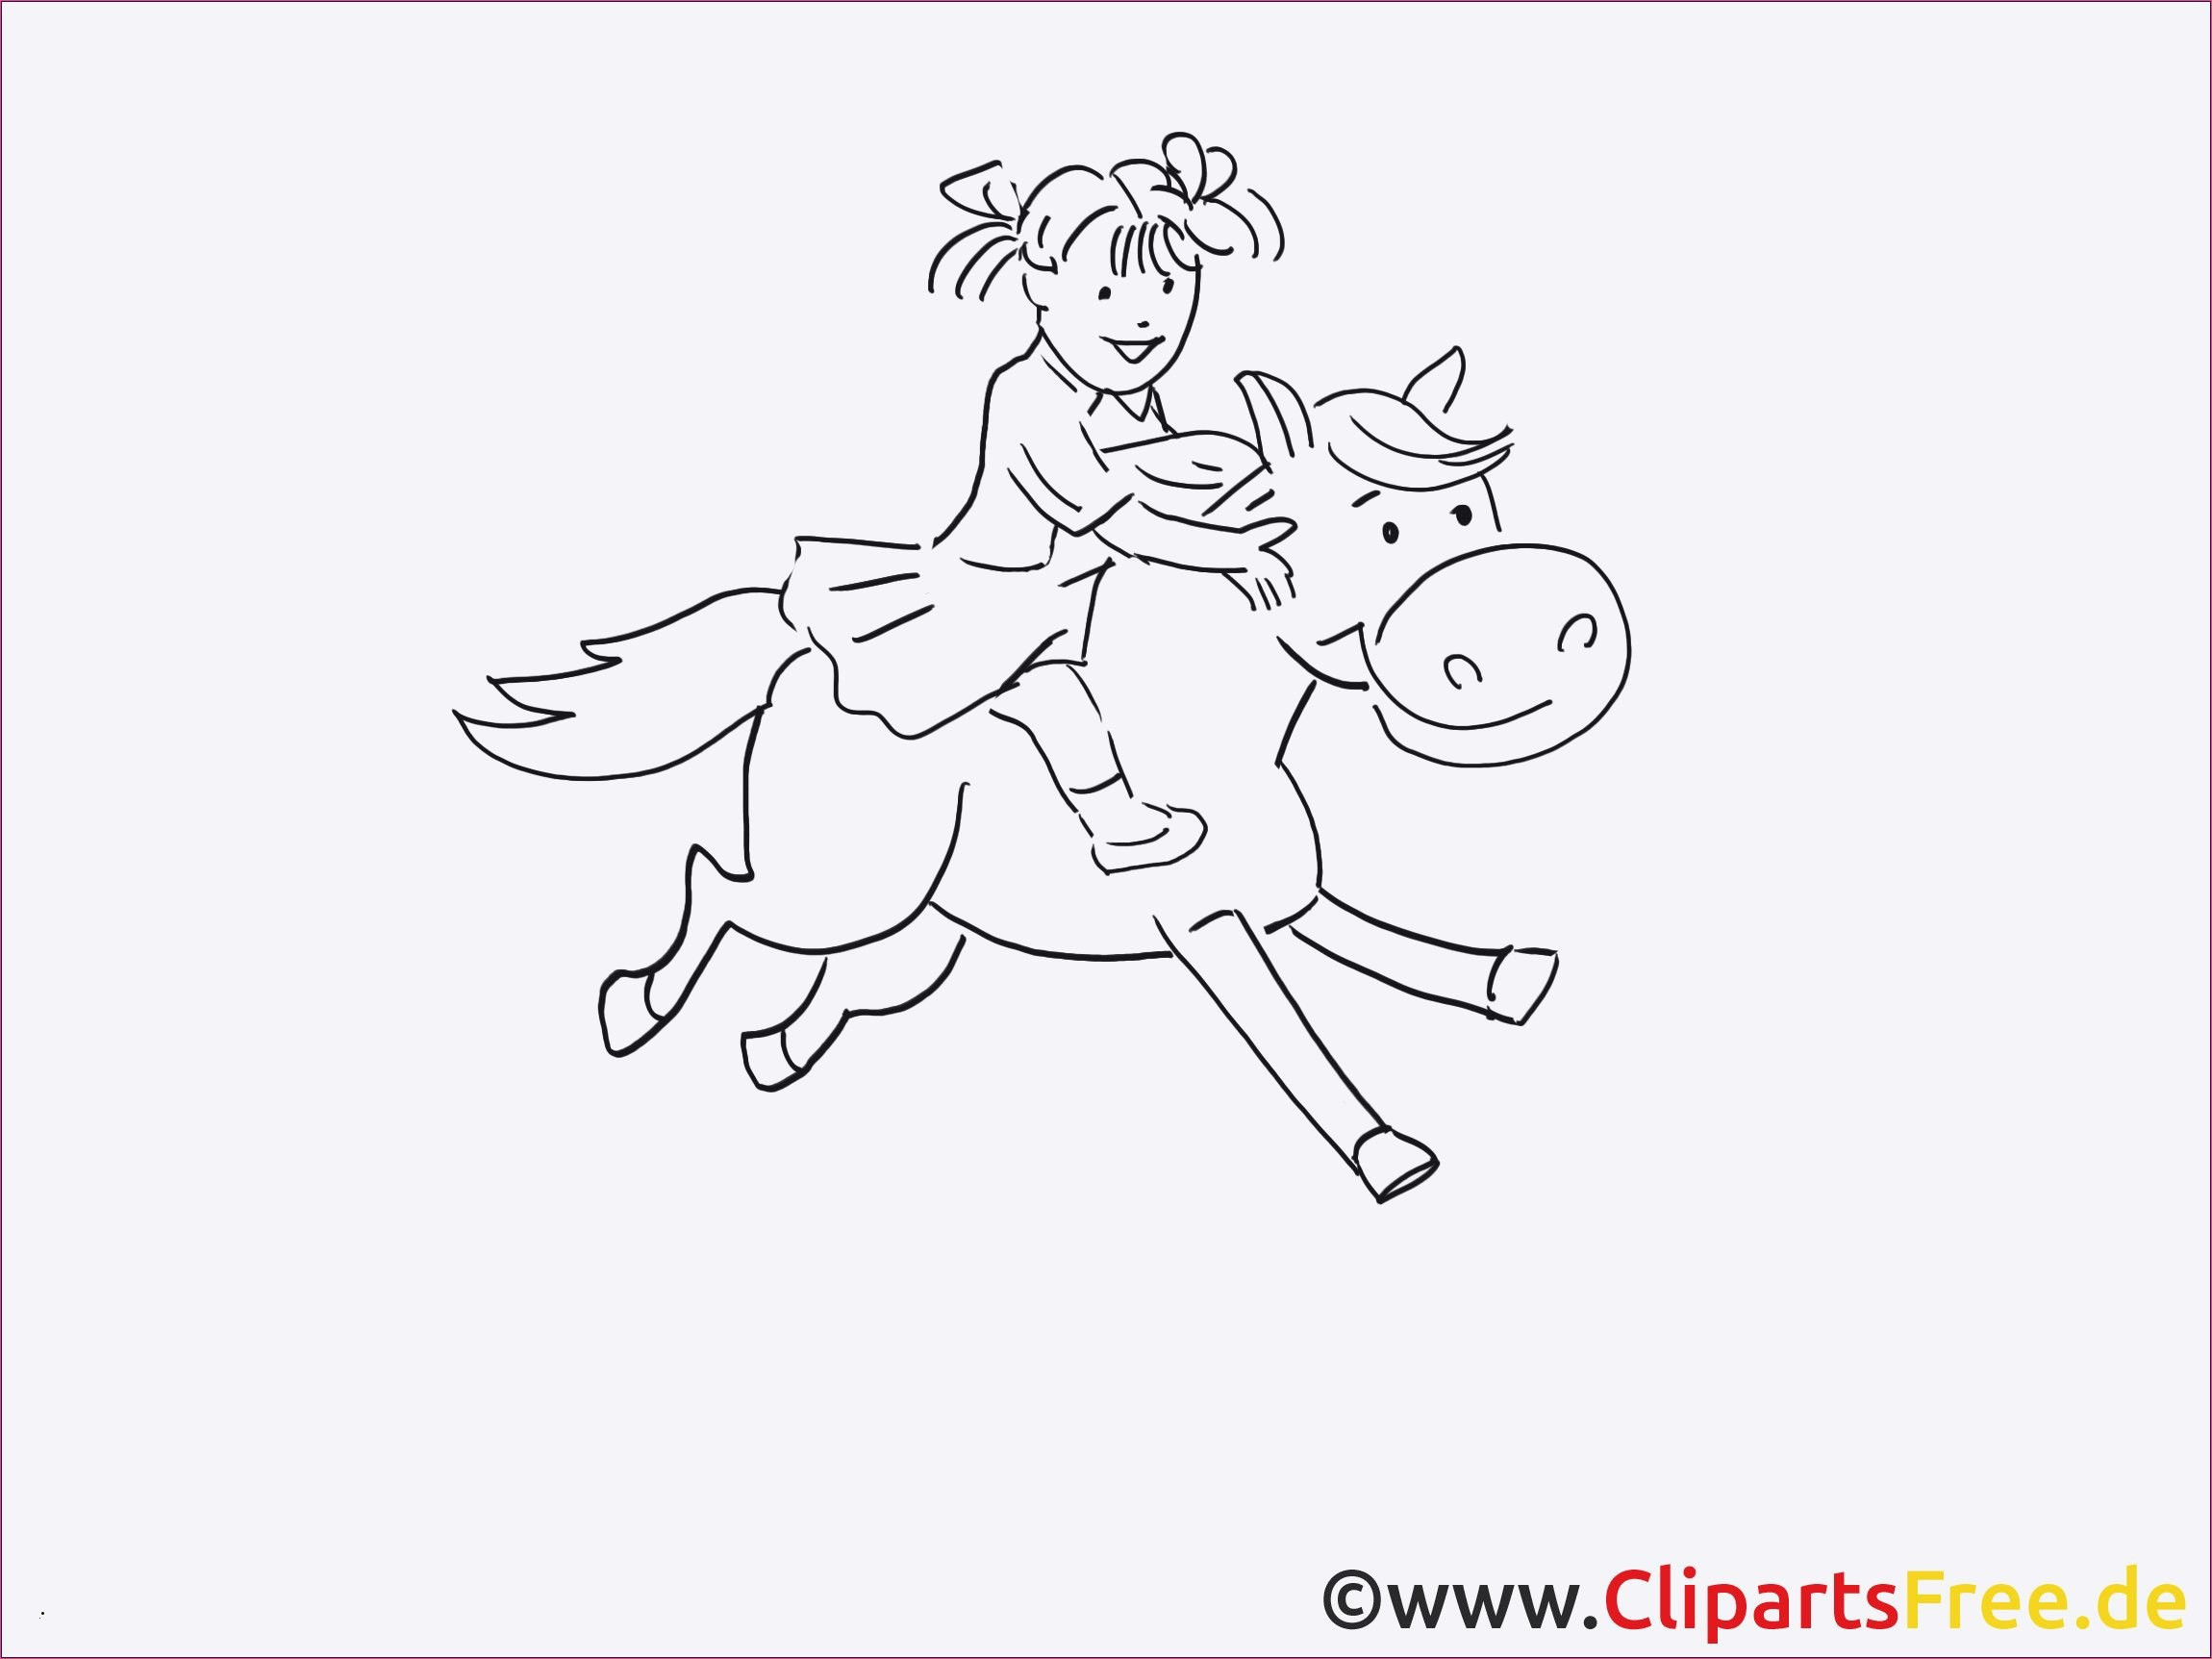 Ausmalbilder Pferde Mit Fohlen Einzigartig Scoredatscore Page 4 4 Beste Malvorlagen Sammlung Luxus Genial Bilder